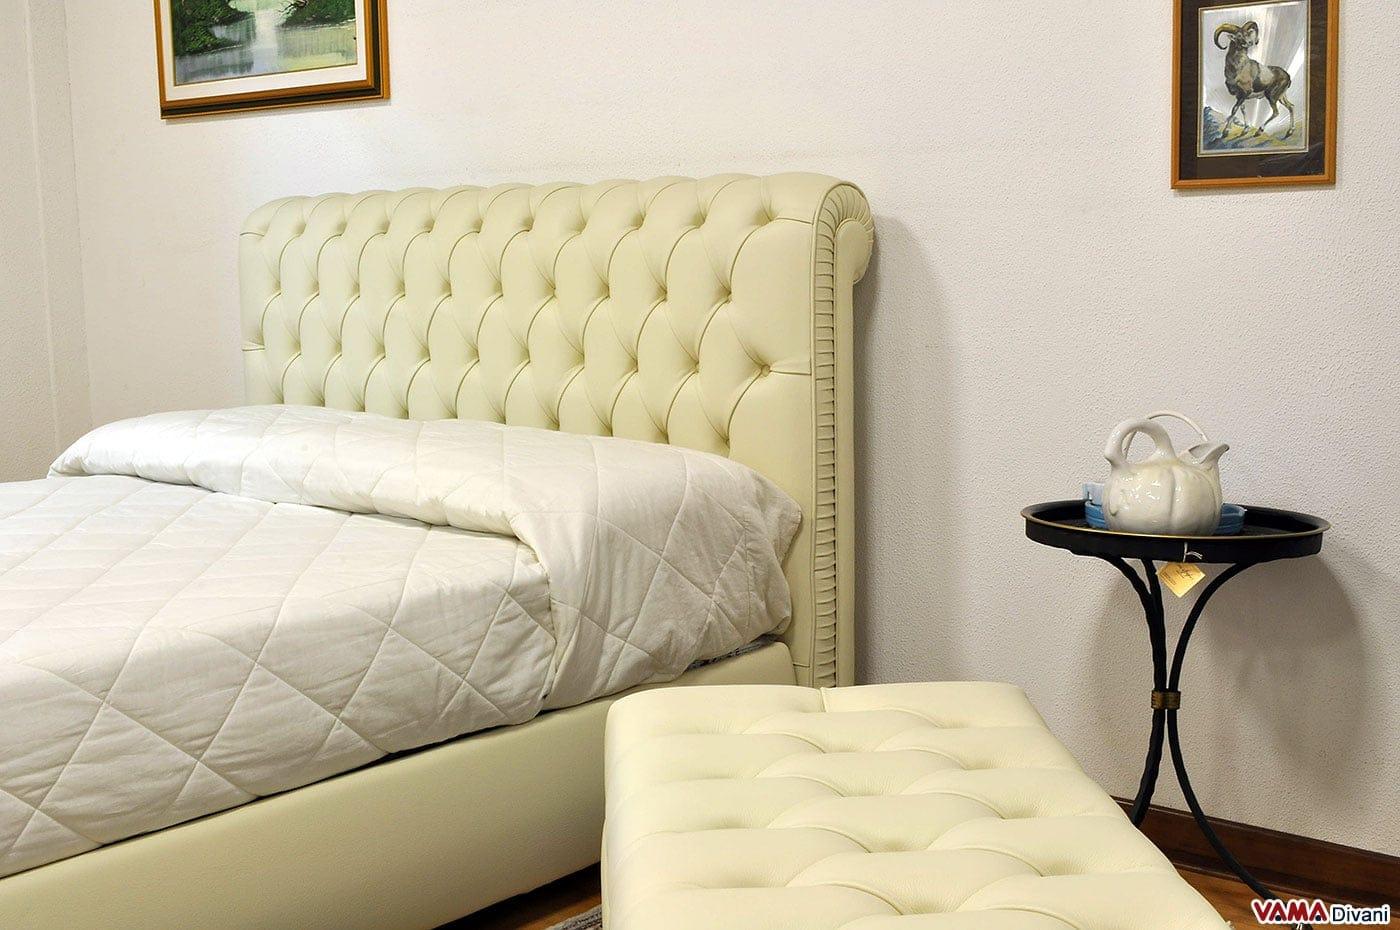 Divani rossini matera il miglior design di ispirazione e - Il miglior divano letto ...